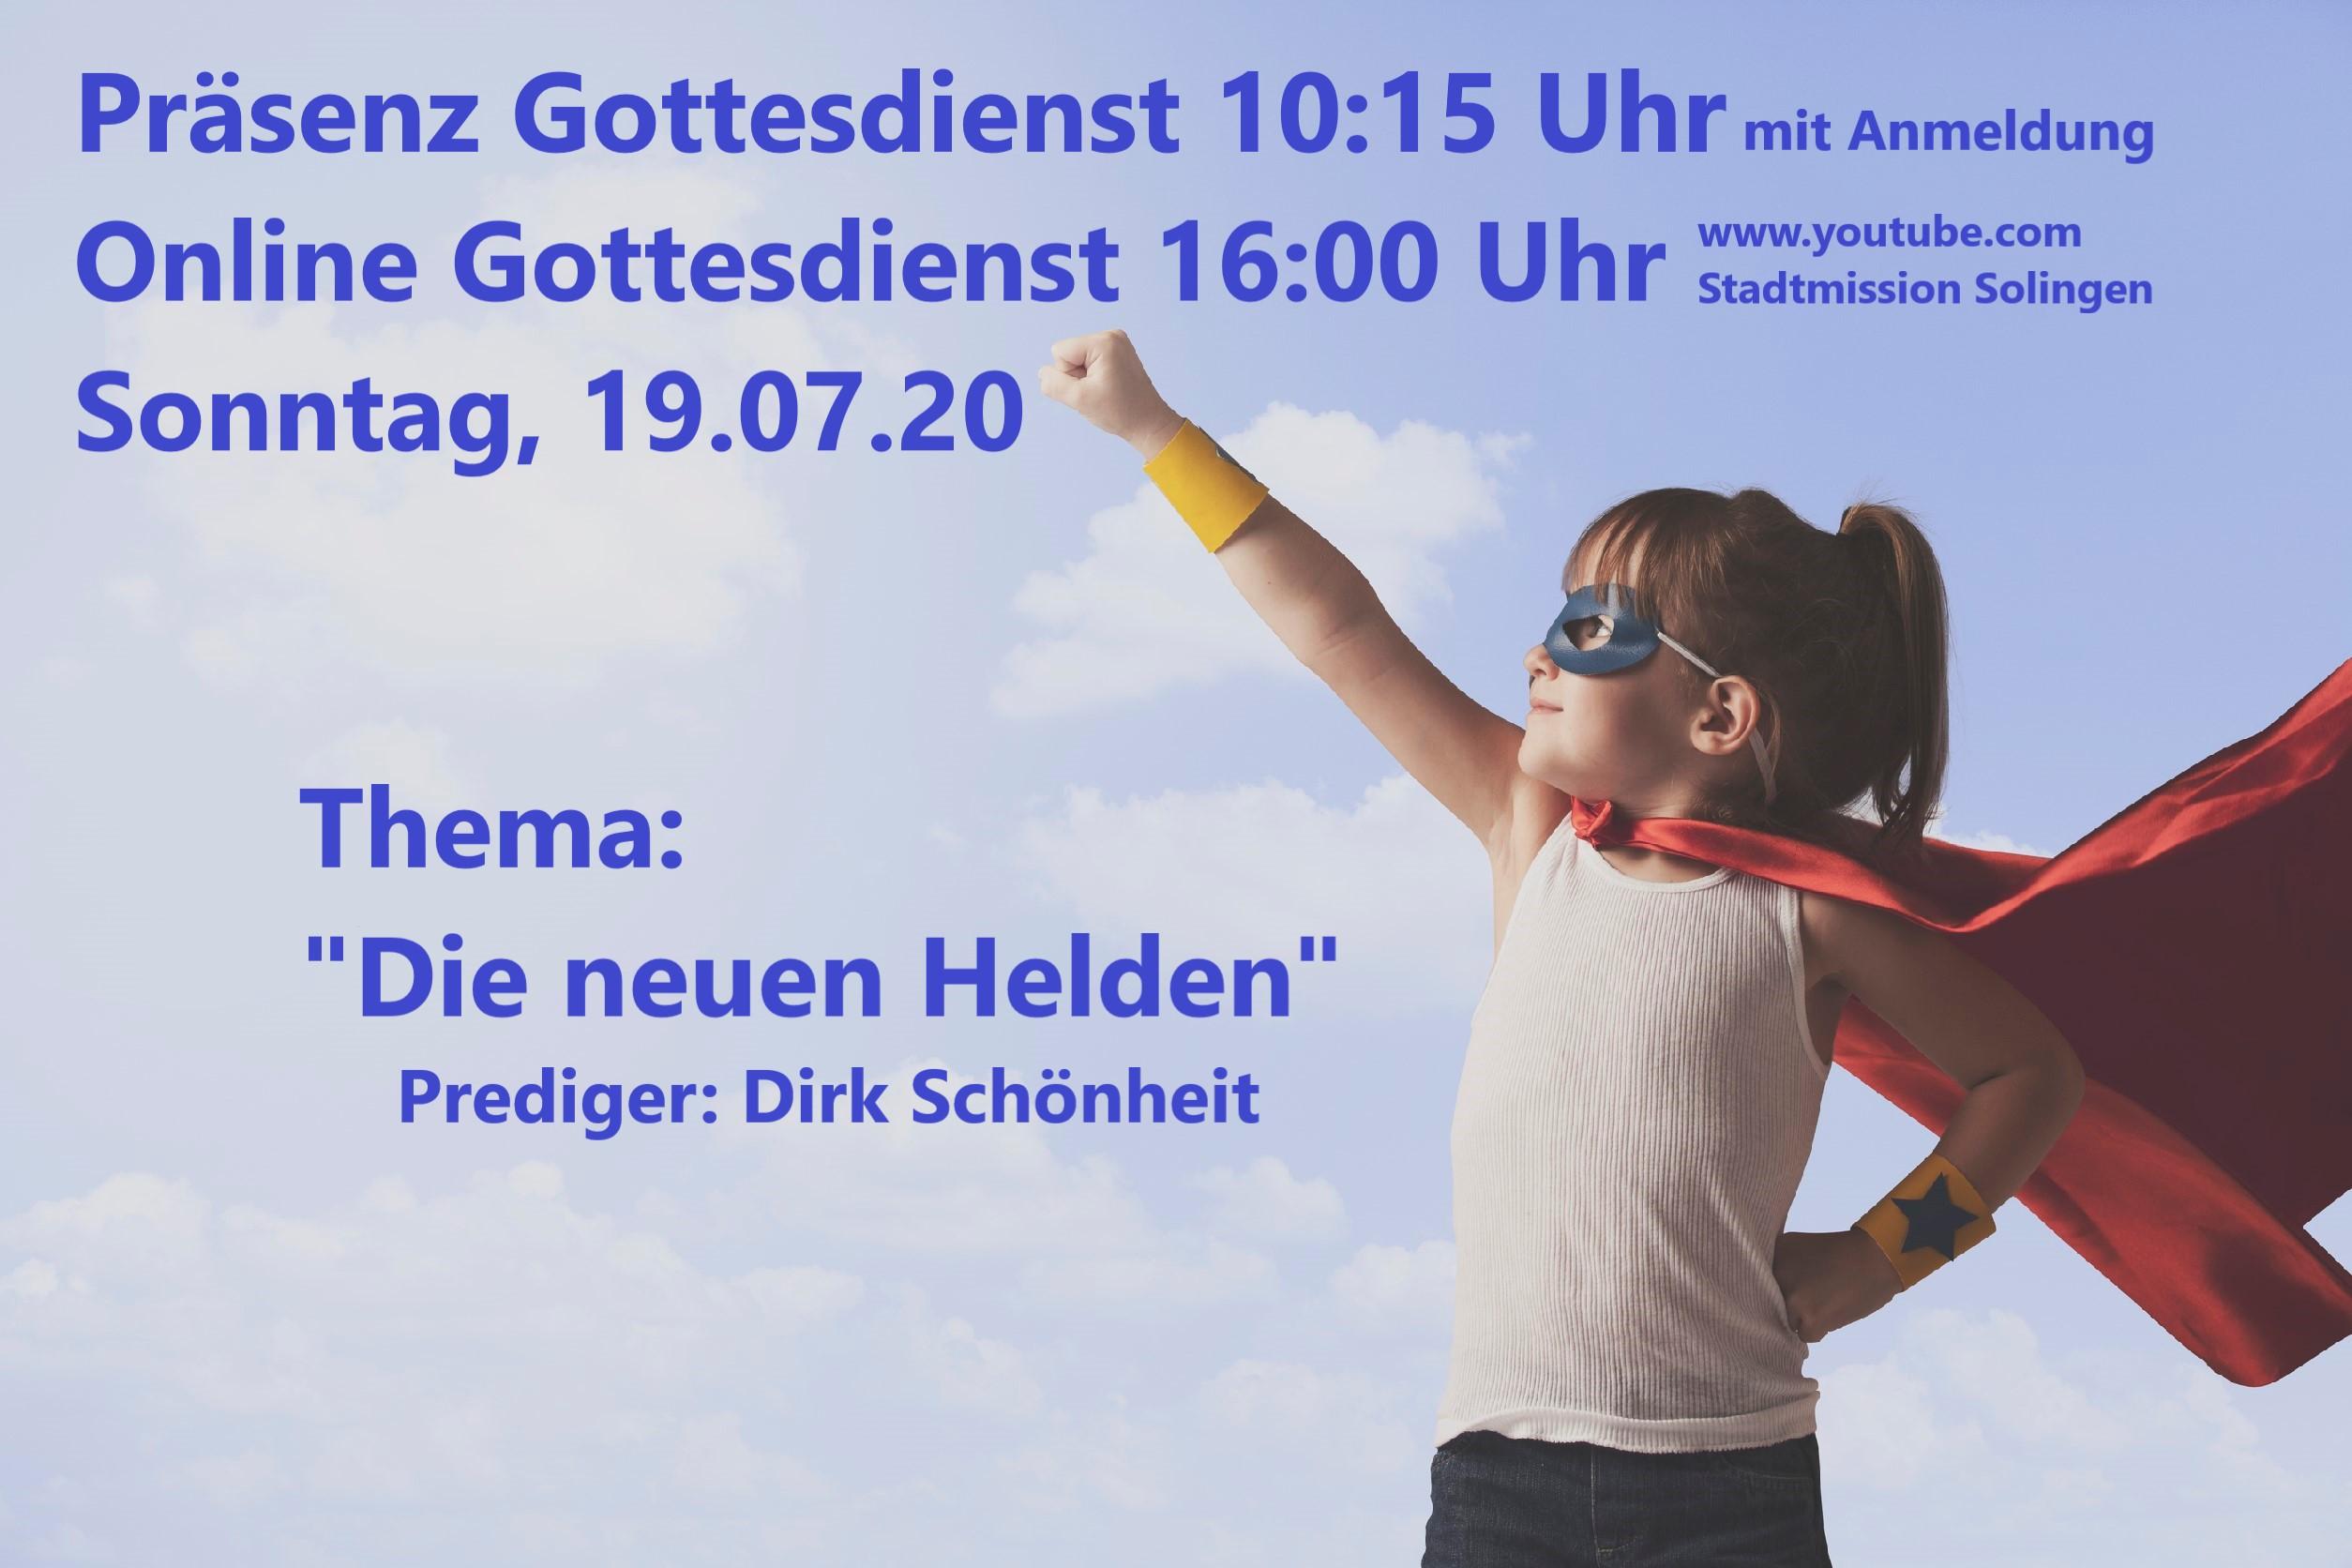 Die neuen Helden - Online-Gottesdienst vom 19.07.2020